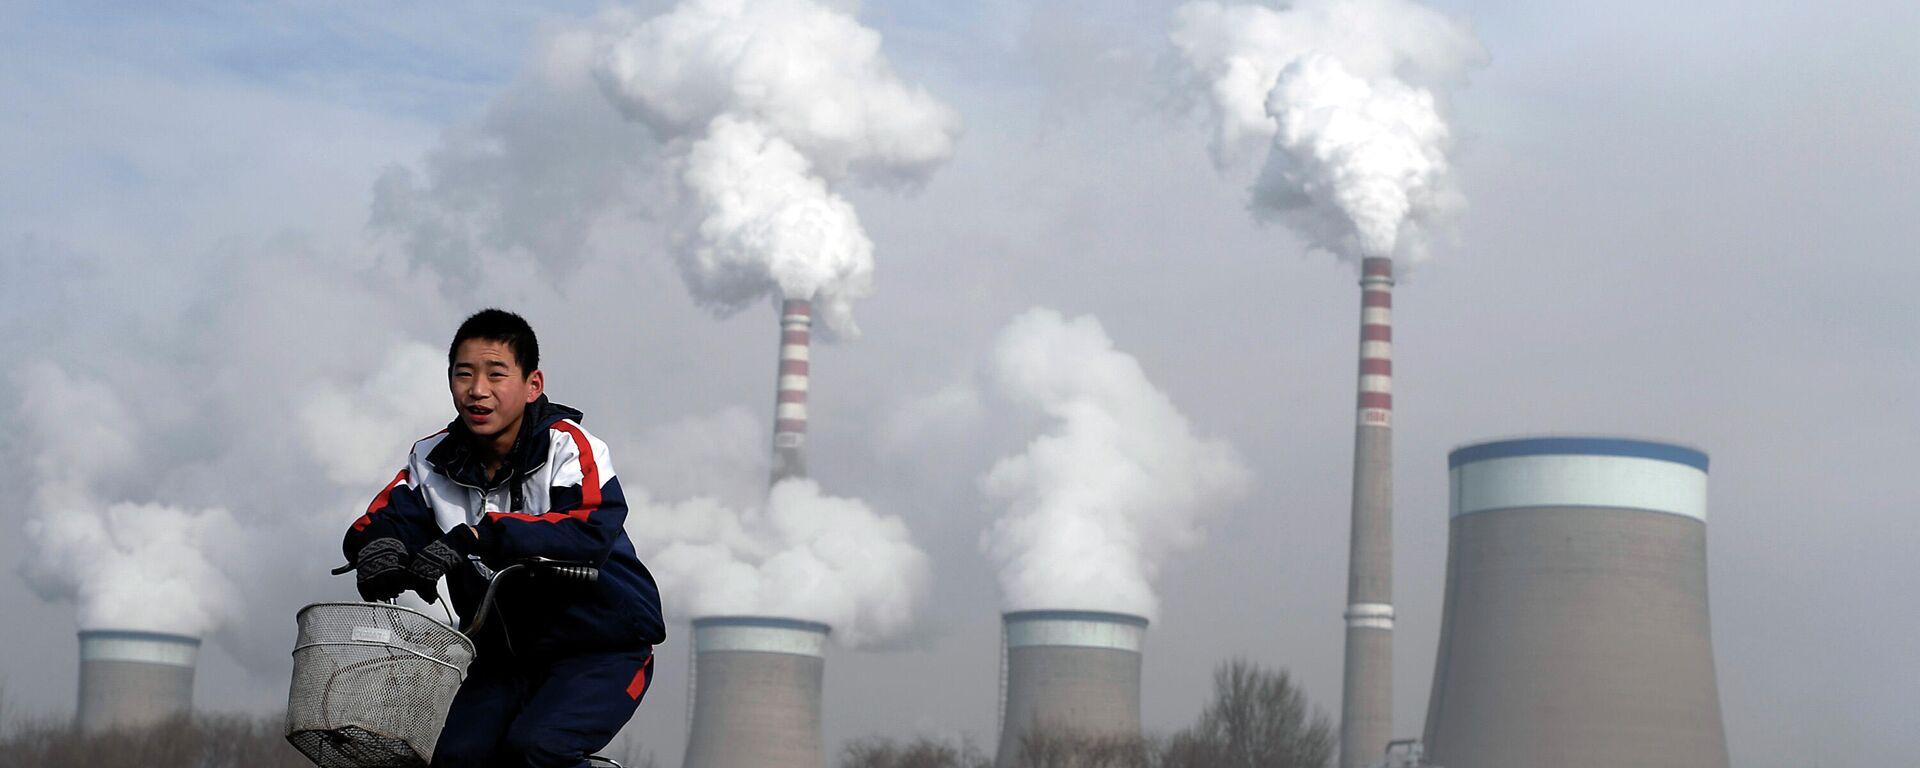 Una central eléctrica de carbón en China, foto de archivo - Sputnik Mundo, 1920, 29.04.2021